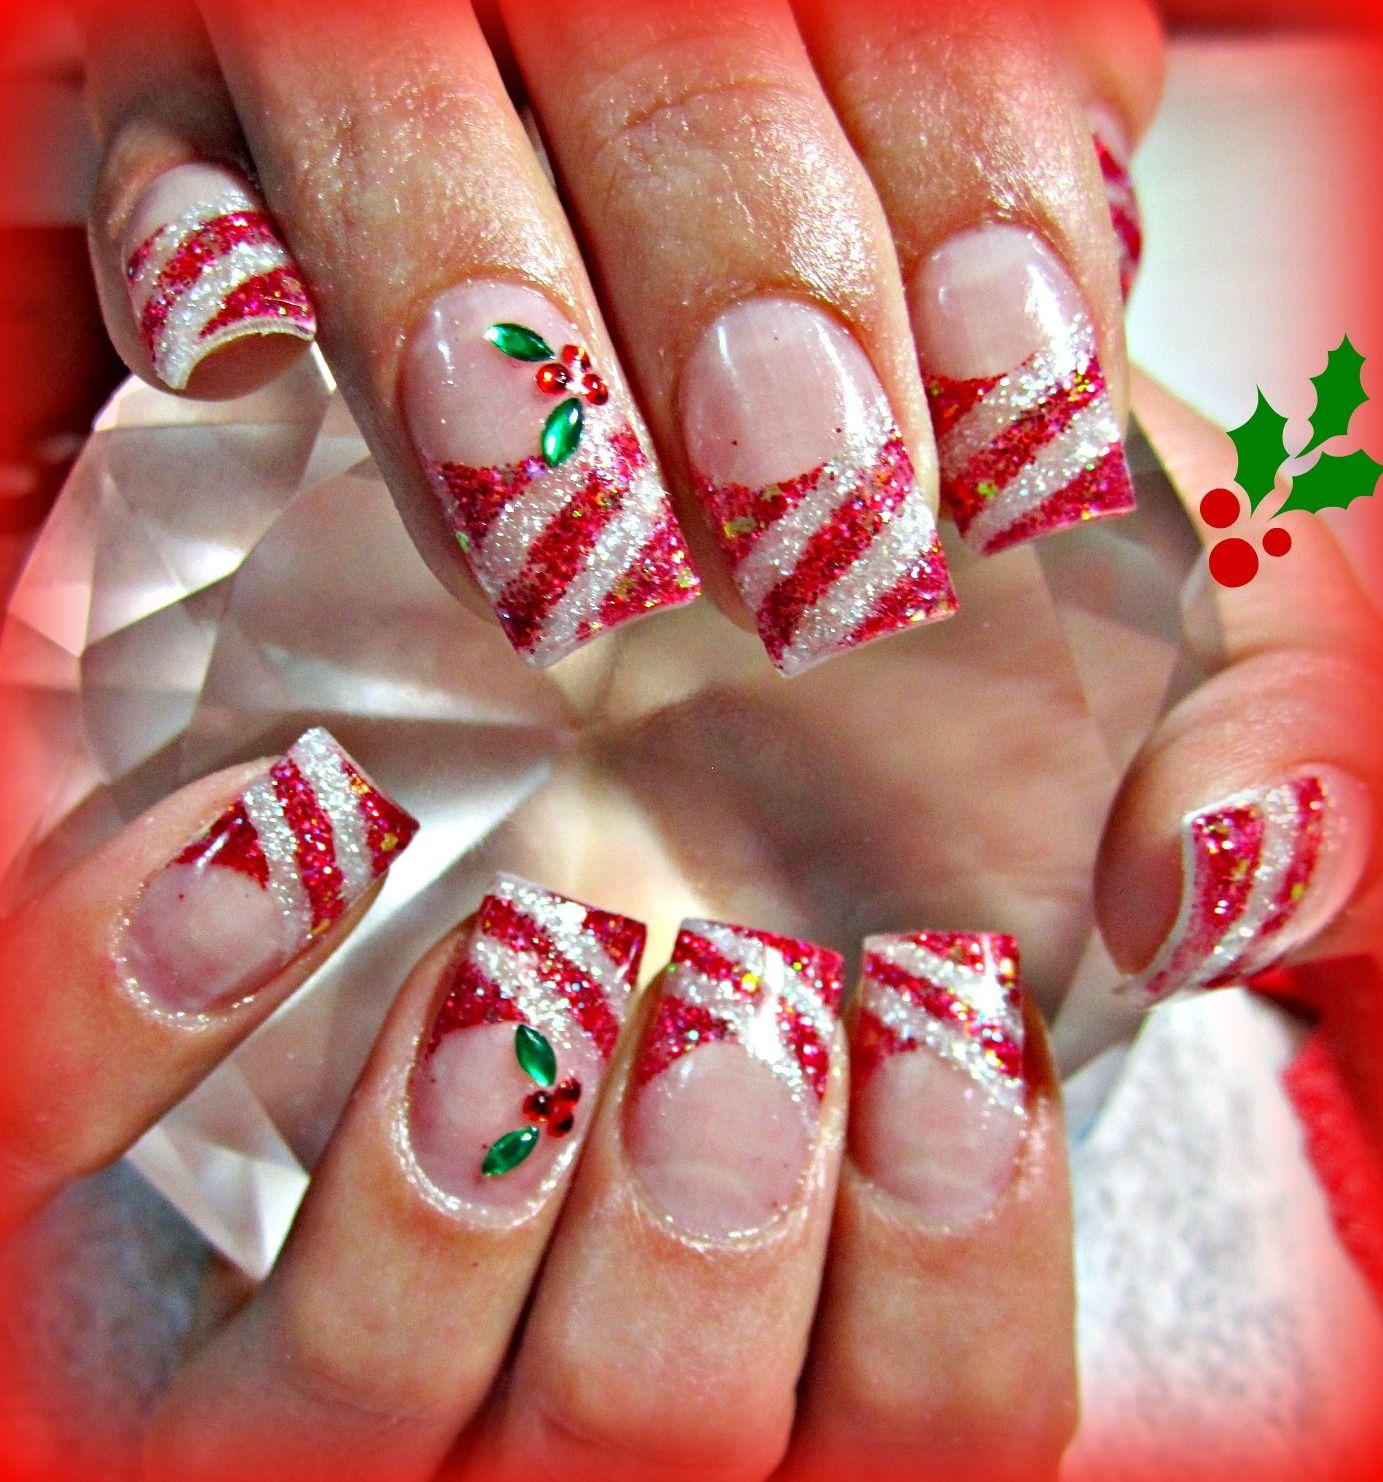 Xmas Nail Patterns: 30 Festive Christmas Acrylic Nail Designs